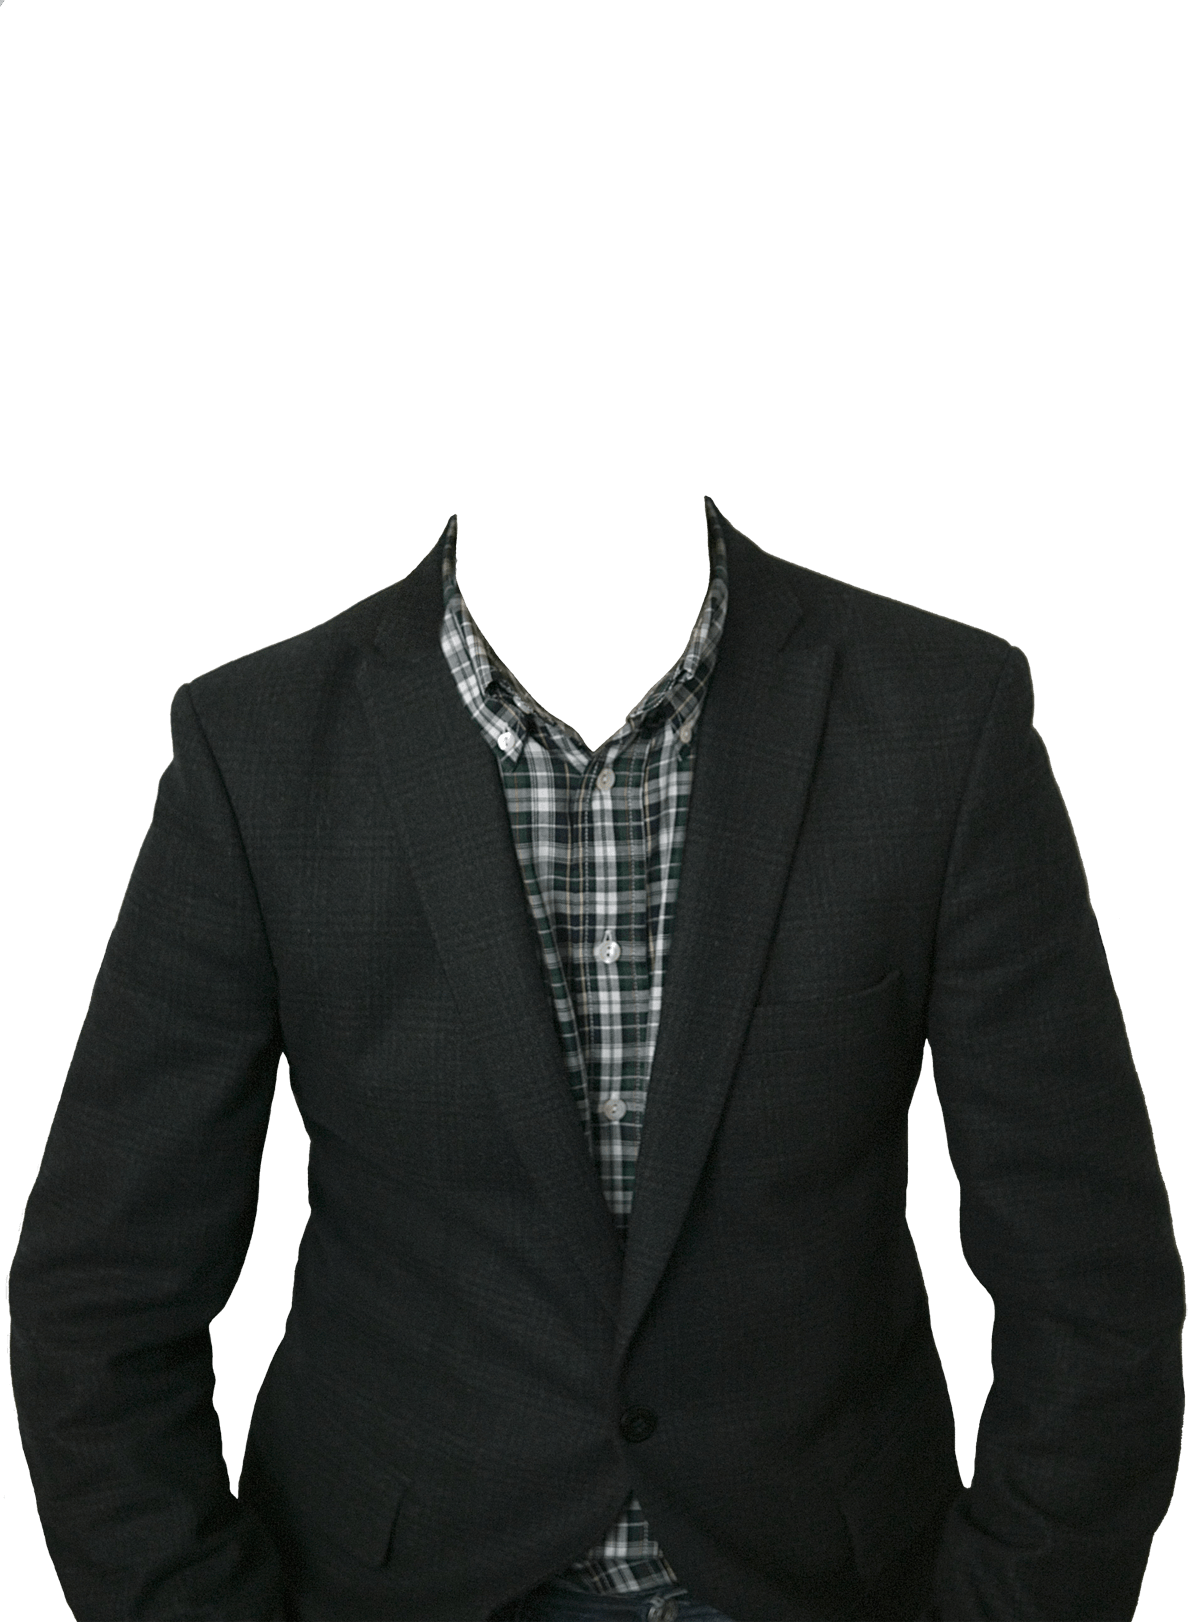 Men Clothes Png - Suit No Head, Transparent background PNG HD thumbnail